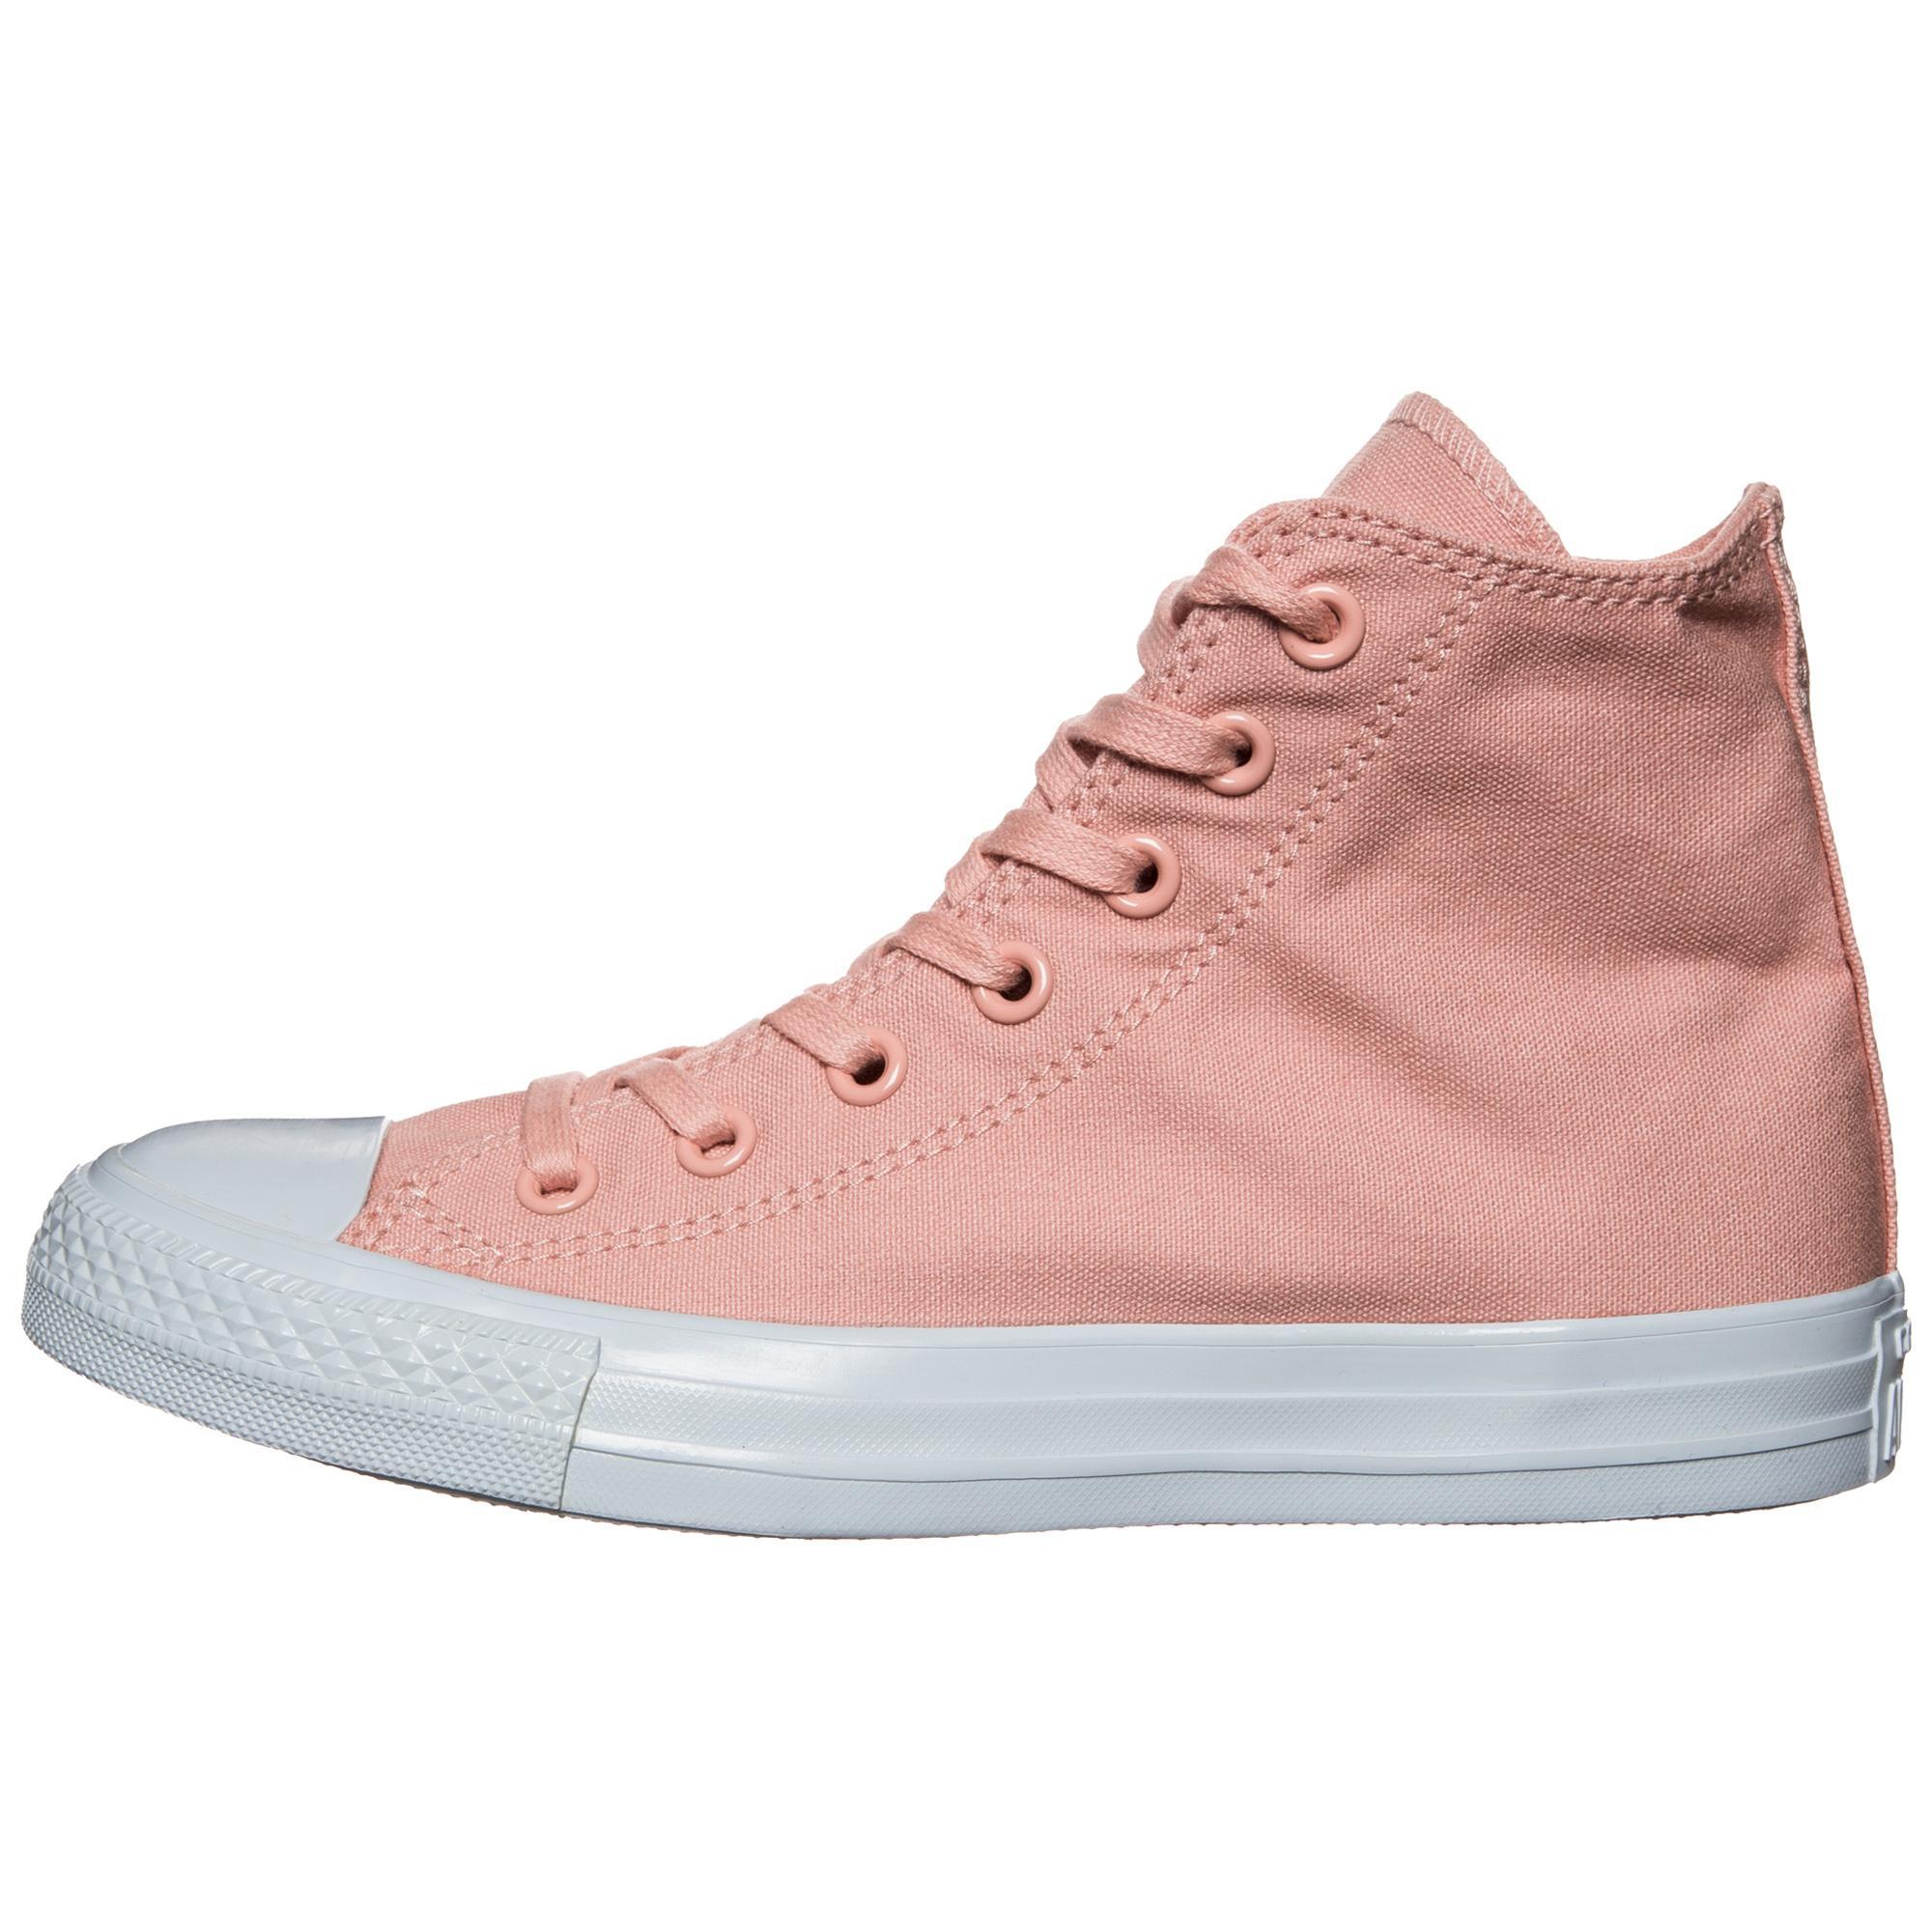 CONVERSE Chuck Taylor All Star Sneaker Damen altrosa / weiß im Online Shop  von SportScheck kaufen